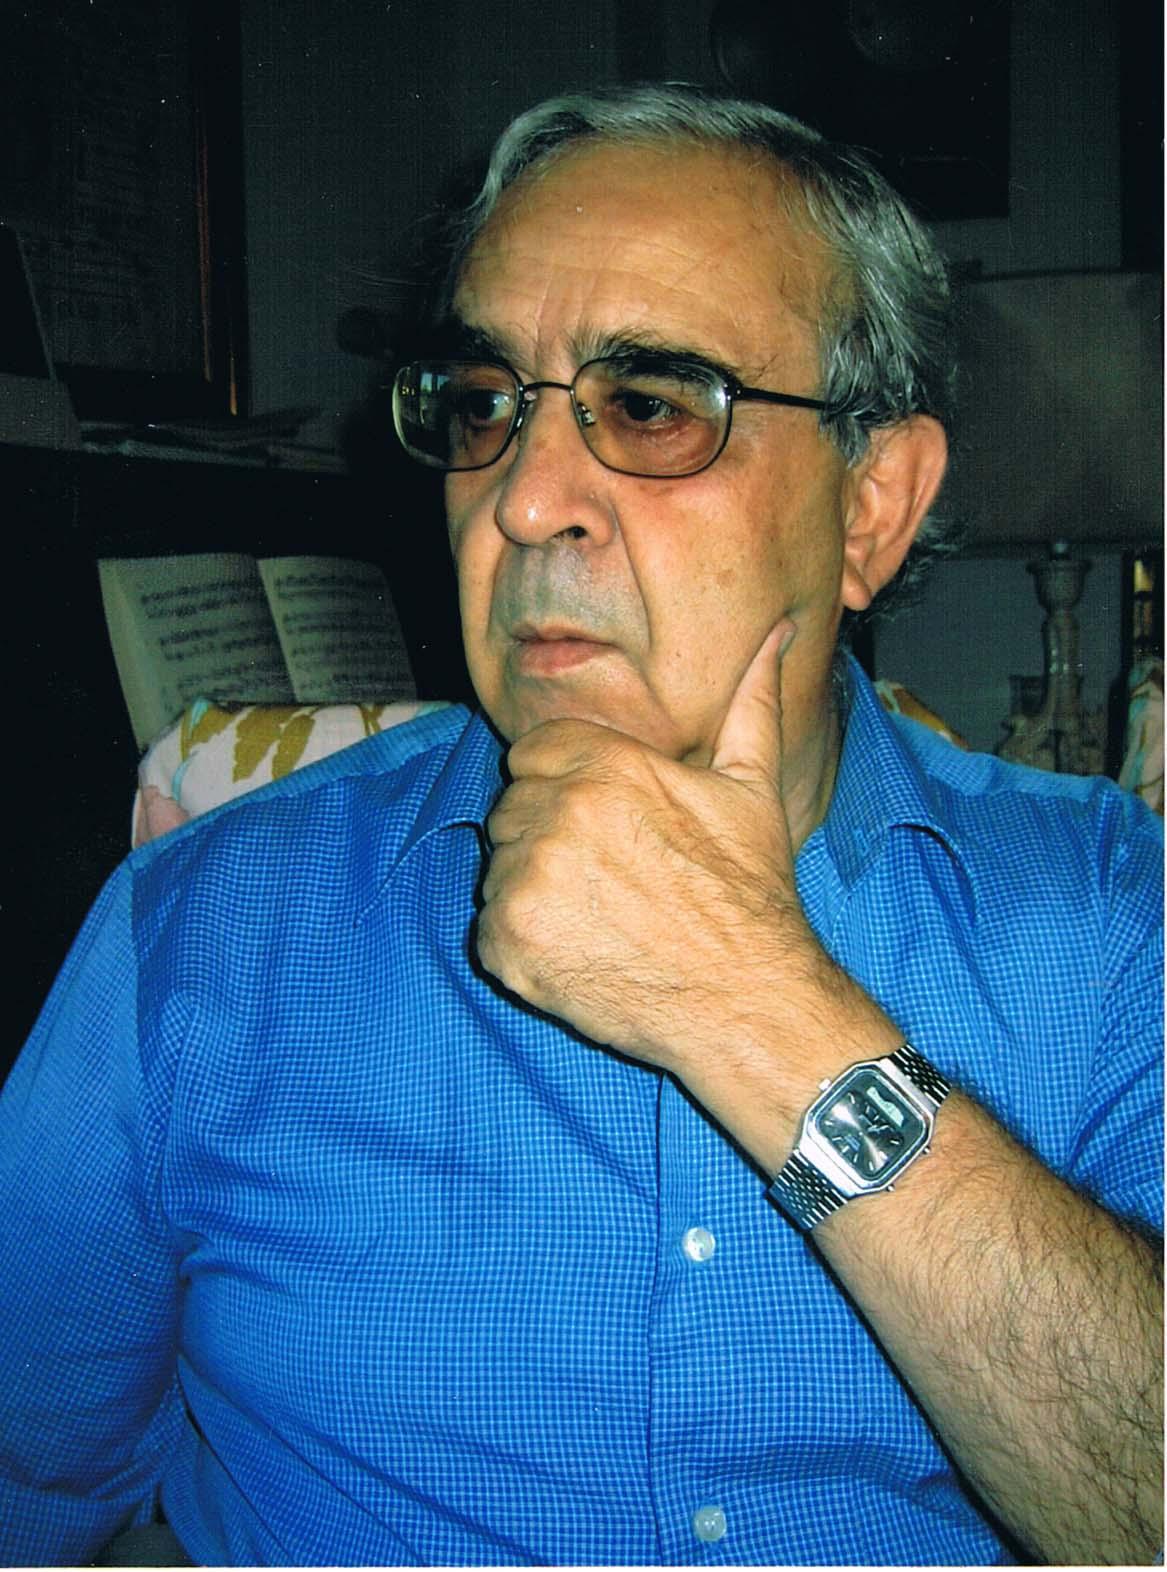 José María García Gómez Heras